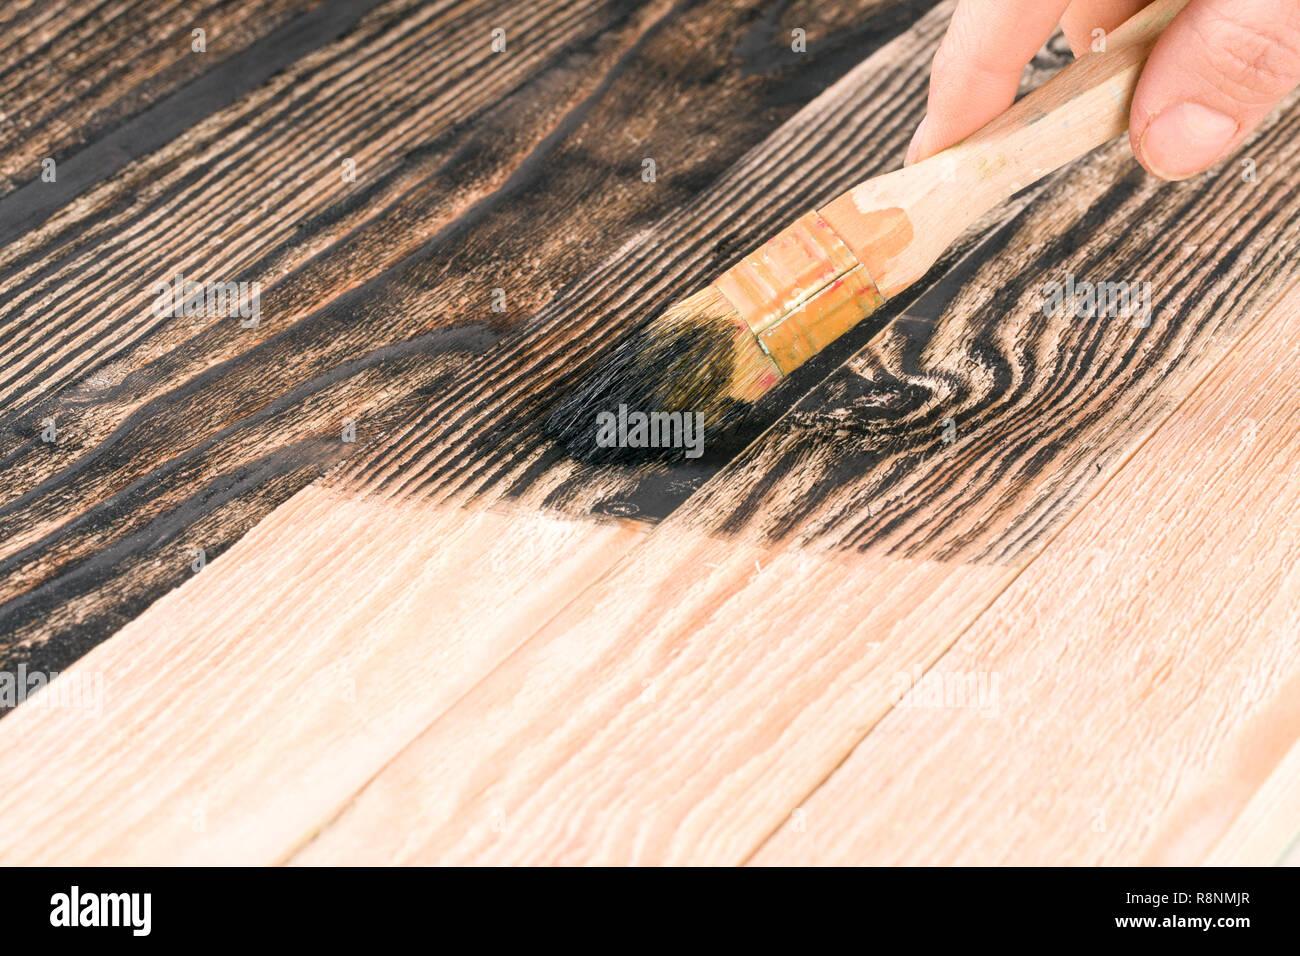 Colori Vernici Legno : Verniciatura pannello di legno spazzola di vernice di colore nero